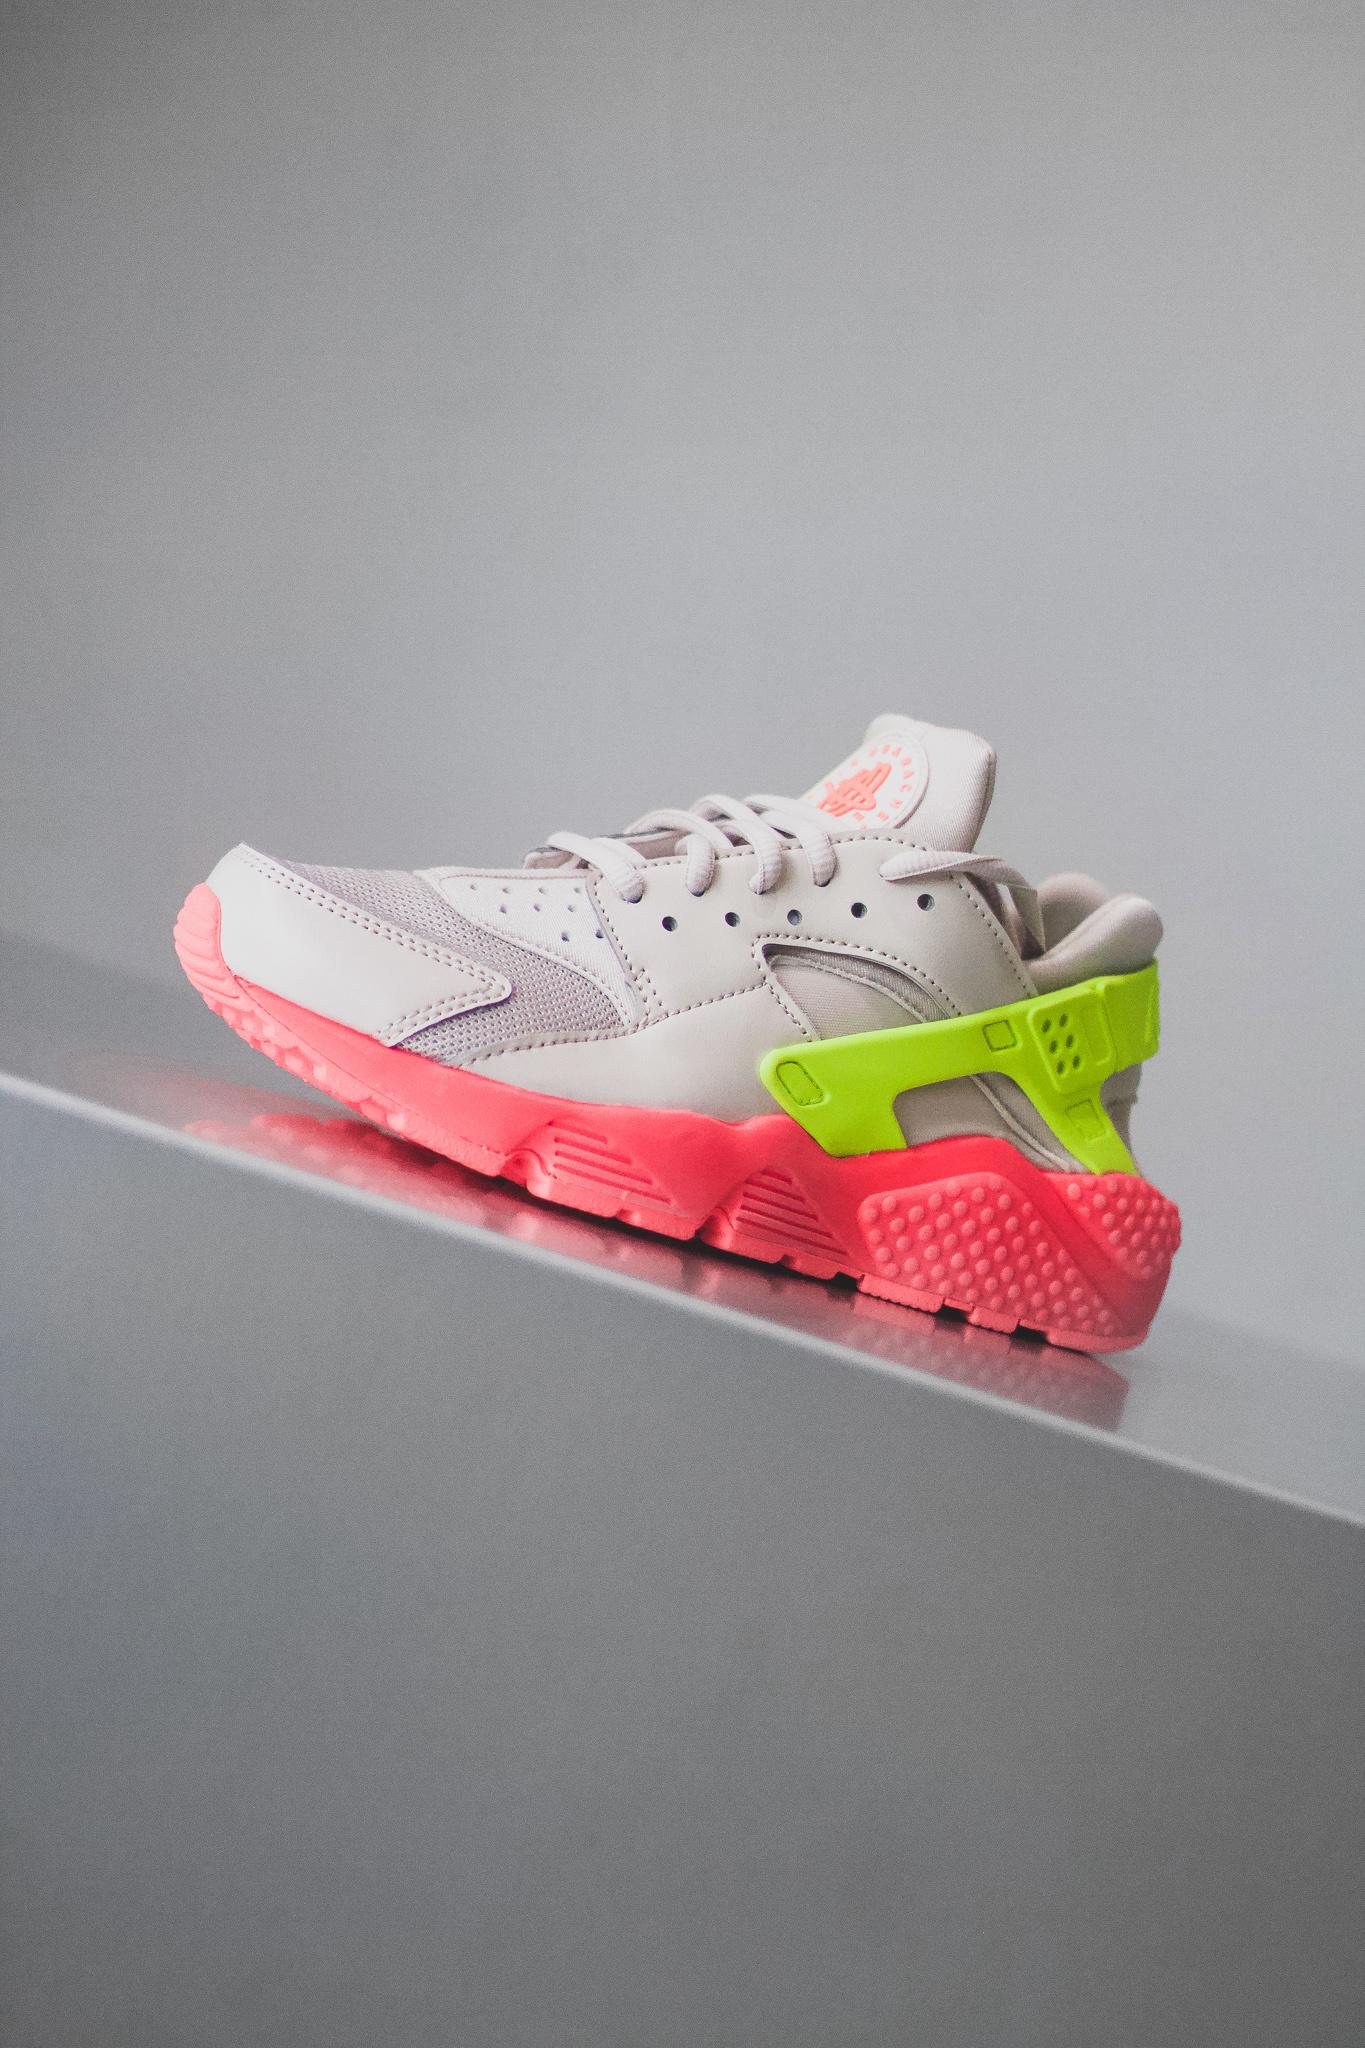 392f778ba3f WMNS AIR HUARACHE RUN - Sneaker Room - Jersey City